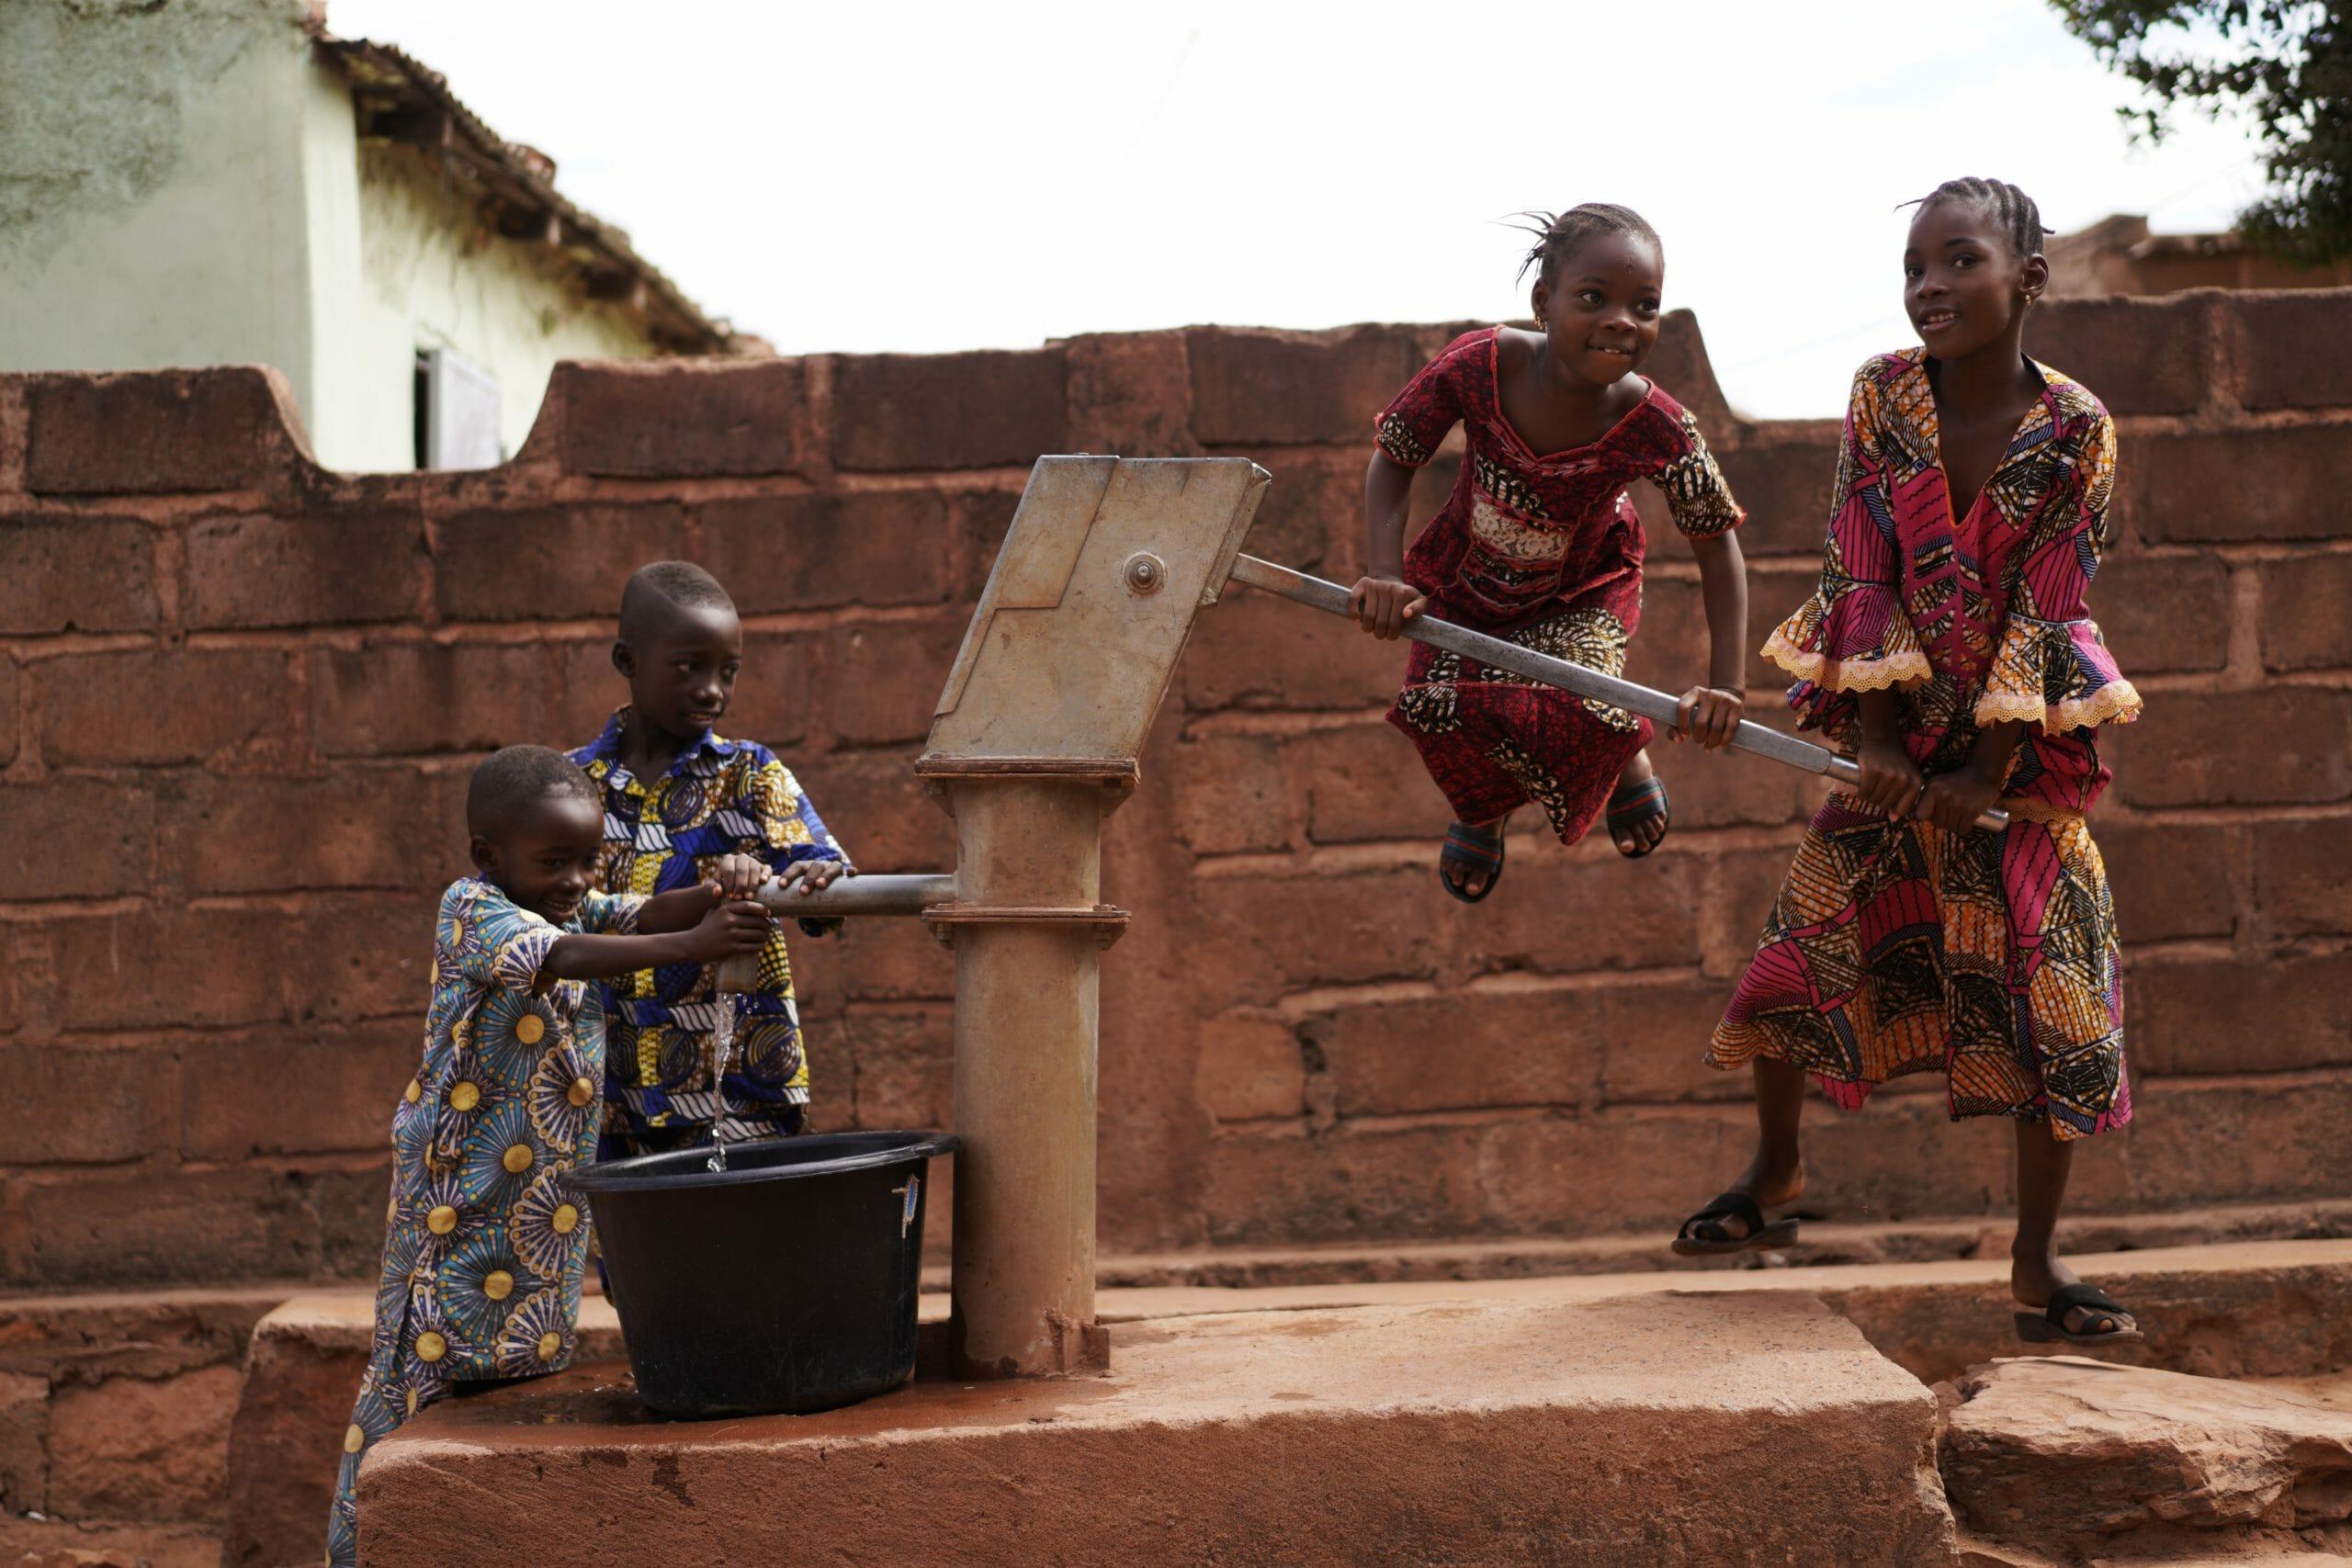 Danmark hæver udviklingsbistanden med klimapenge